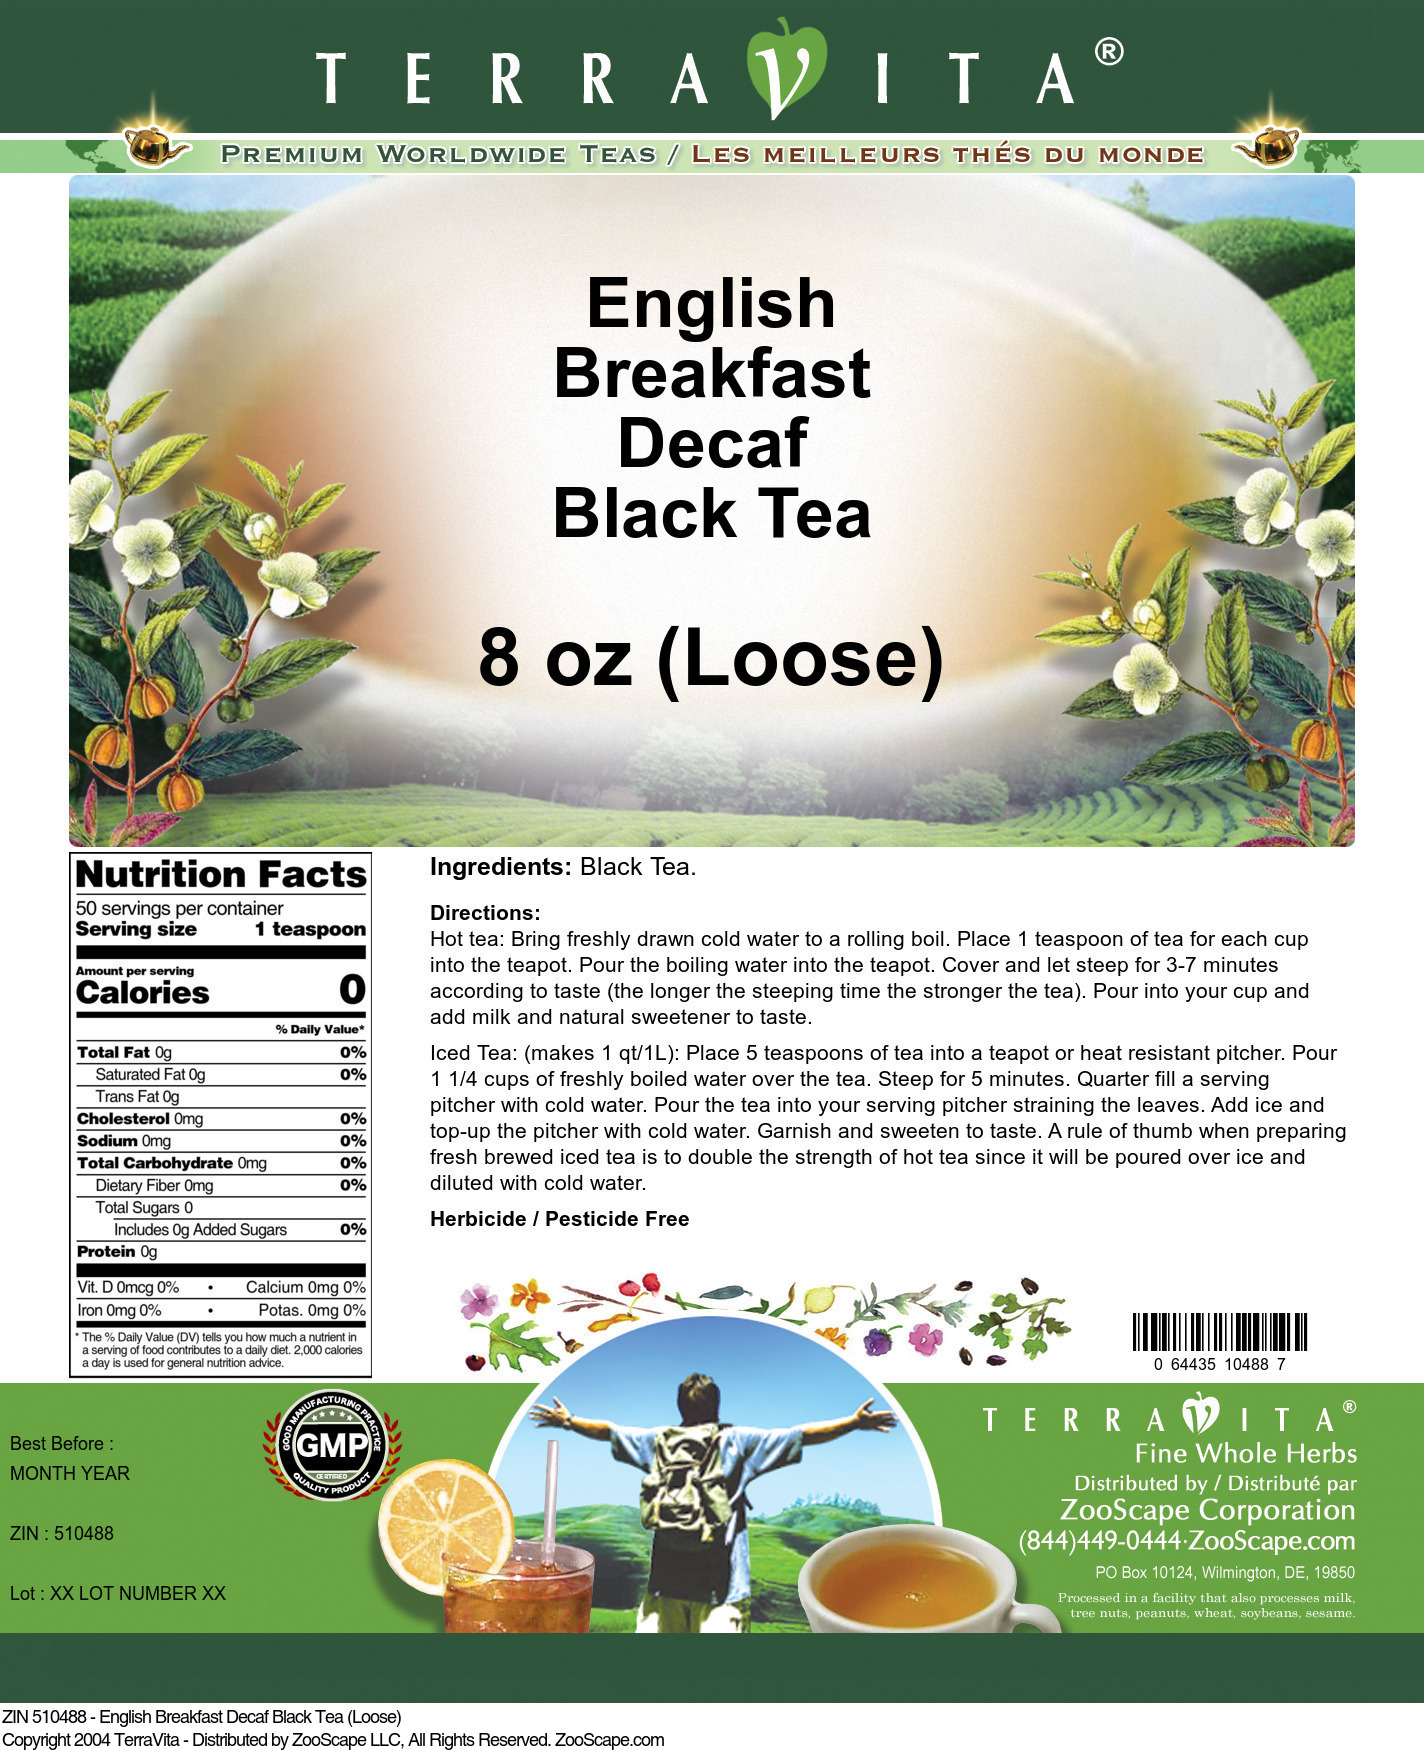 English Breakfast Decaf Black Tea (Loose)